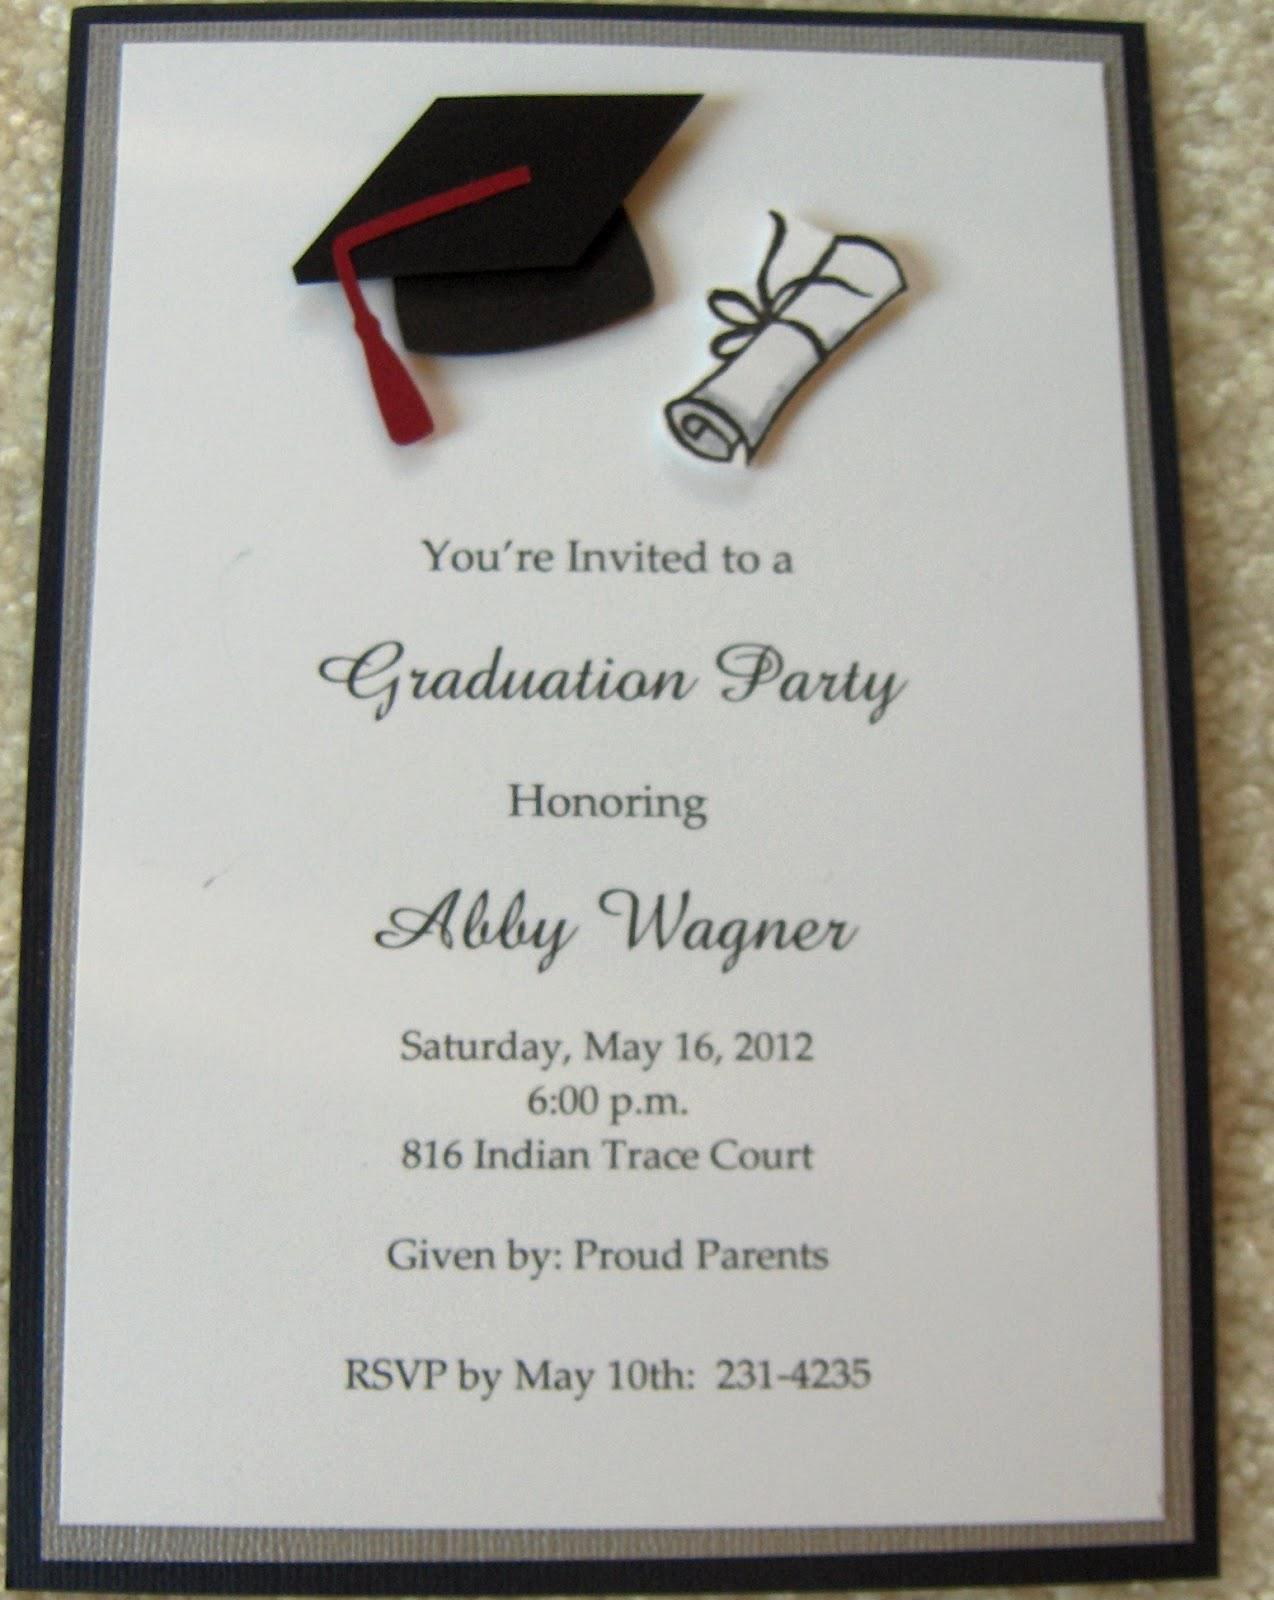 College Graduation Invitation Template Beautiful College Graduation Party Invitations